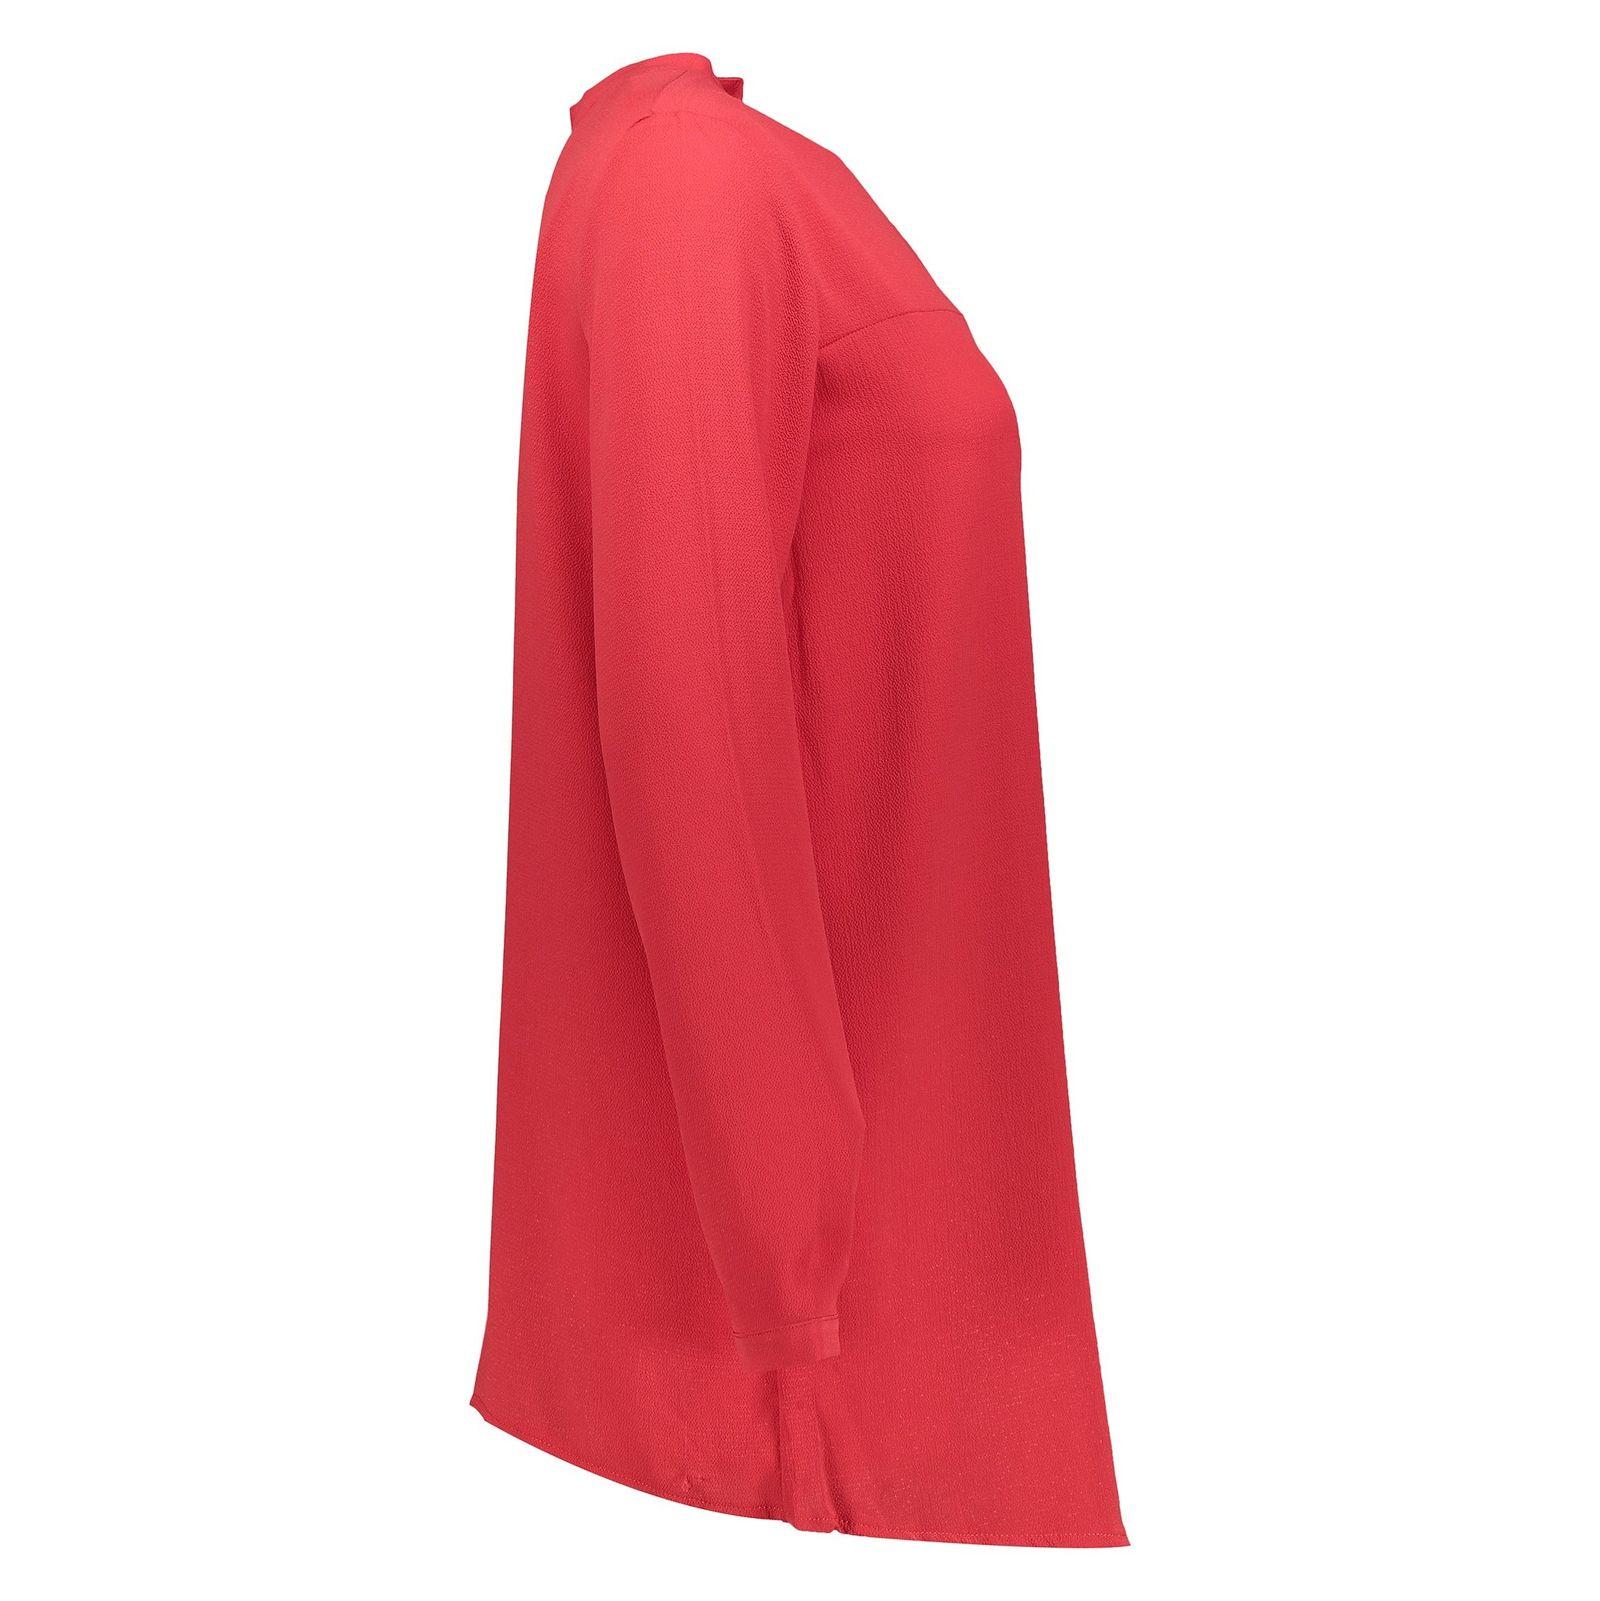 تونیک آستین بلند زنانه - دفکتو - قرمز - 3